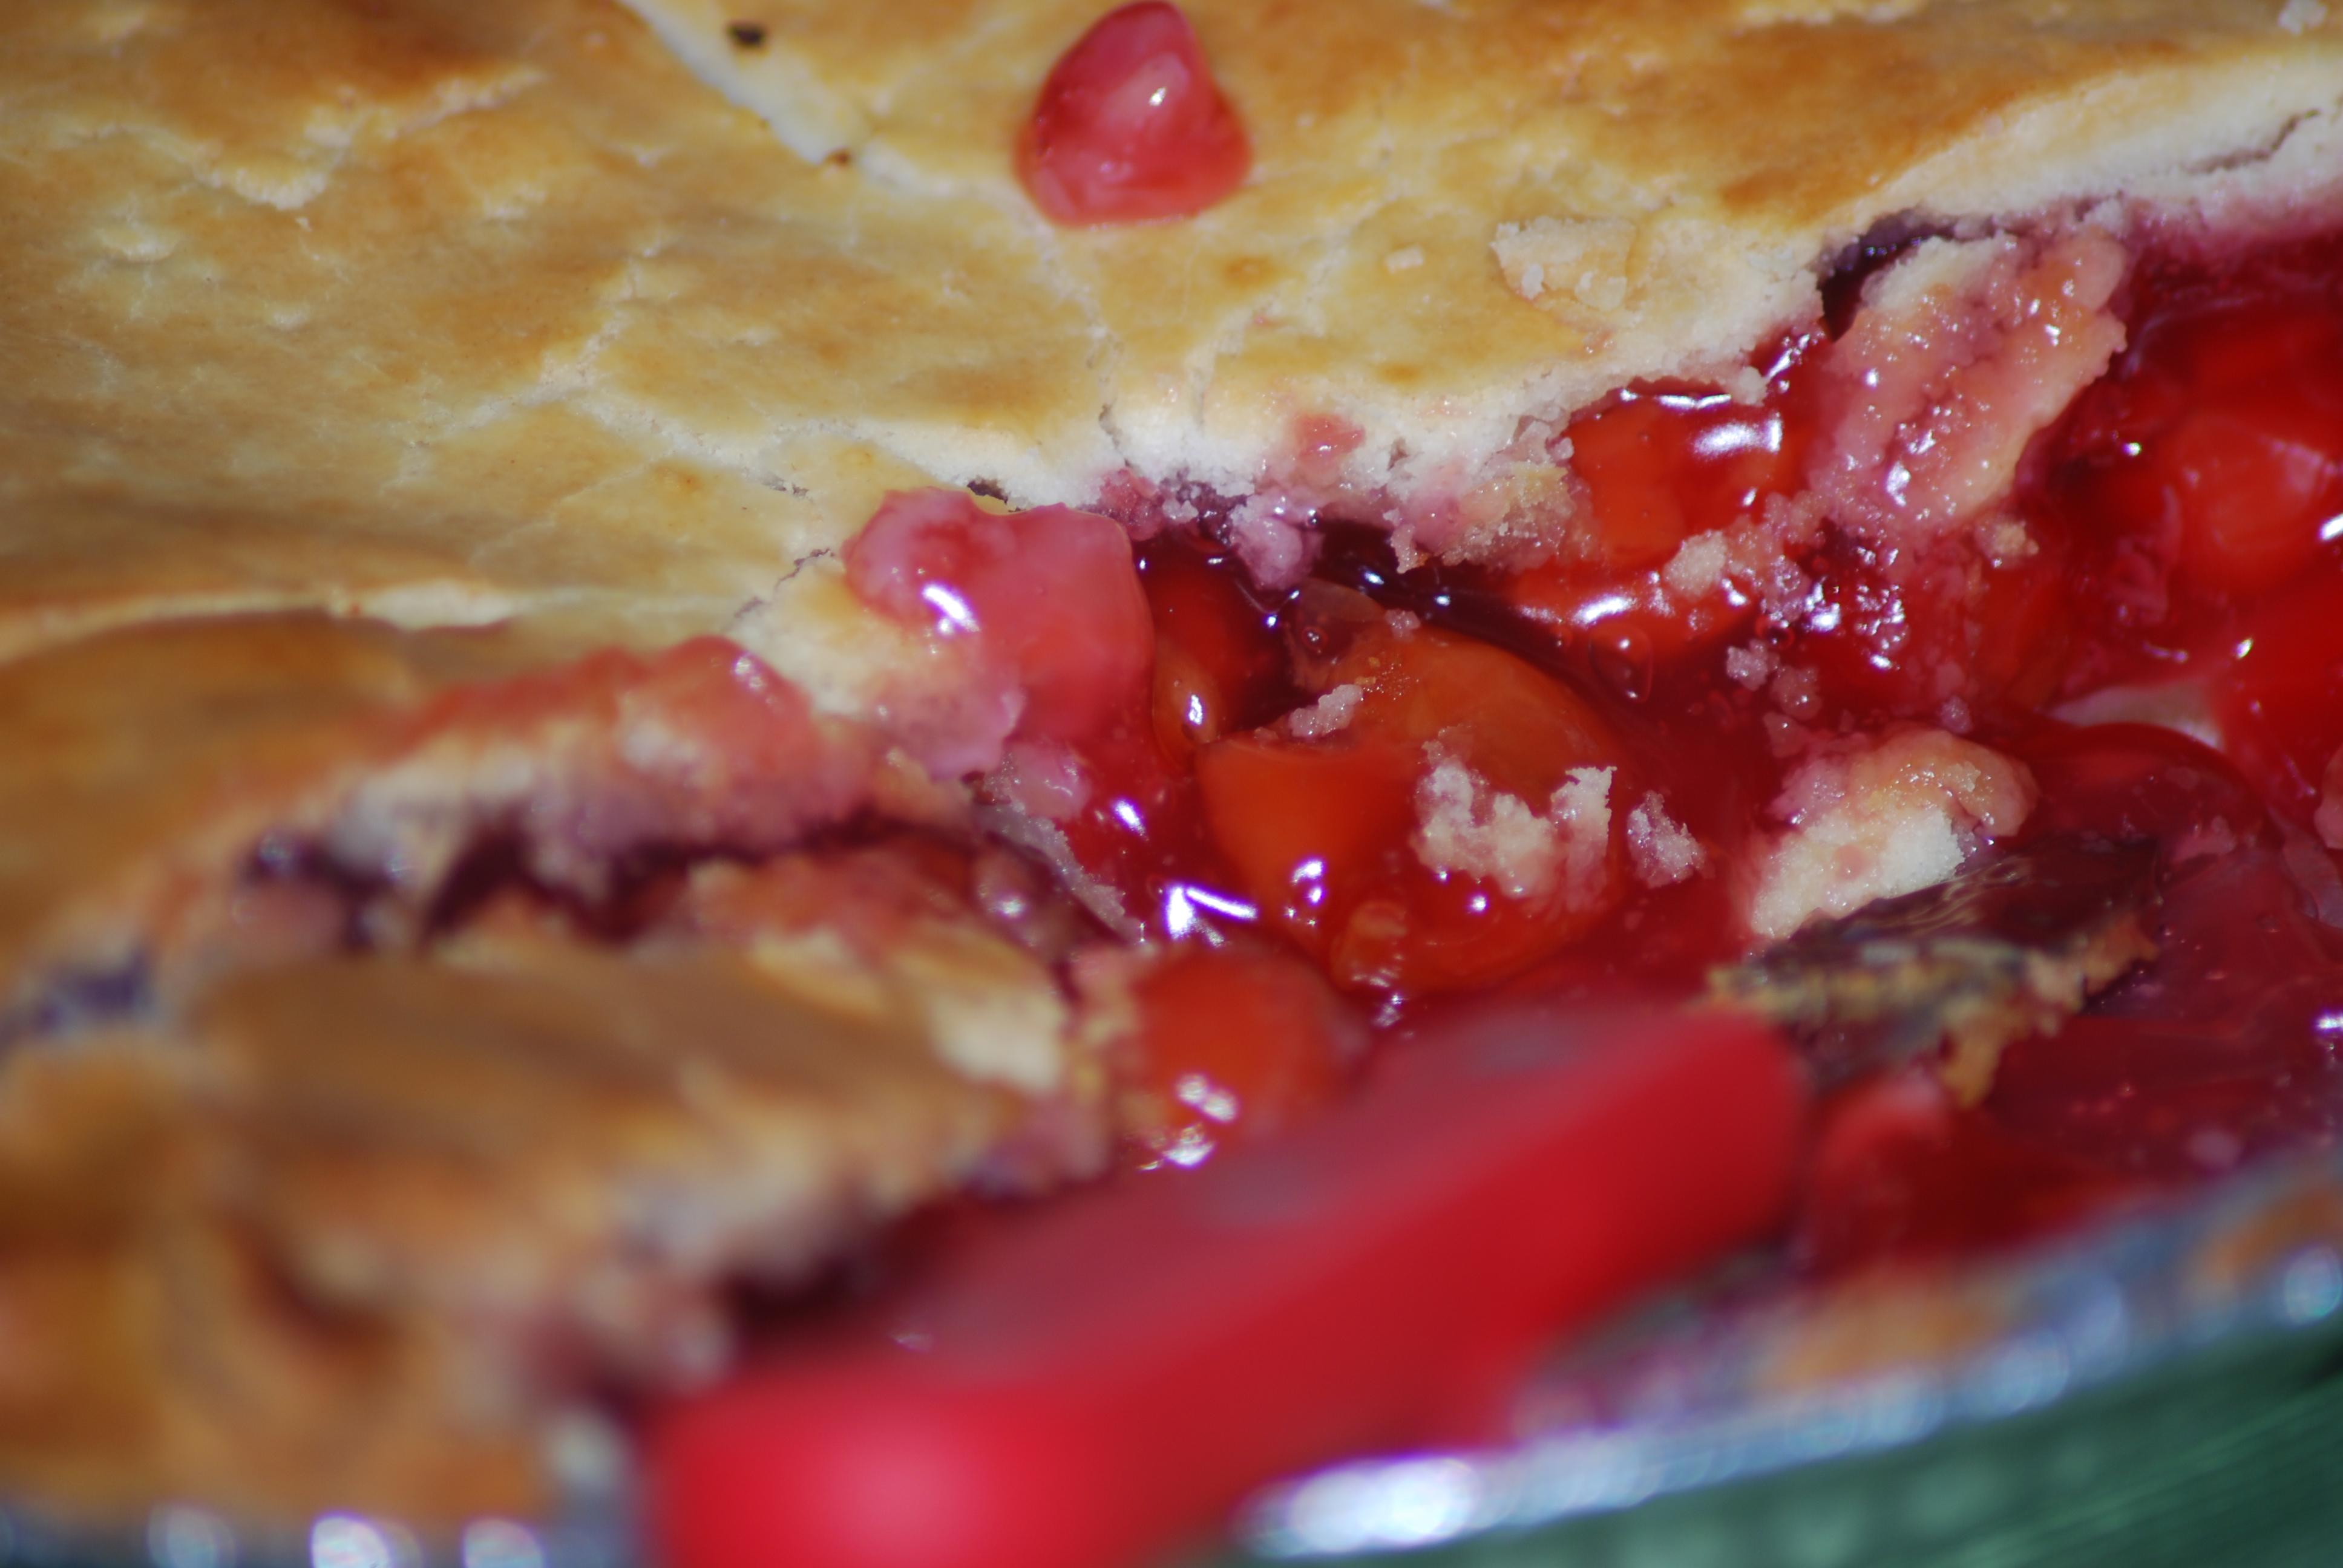 Cherry Pie Images | TheCelebrityPix